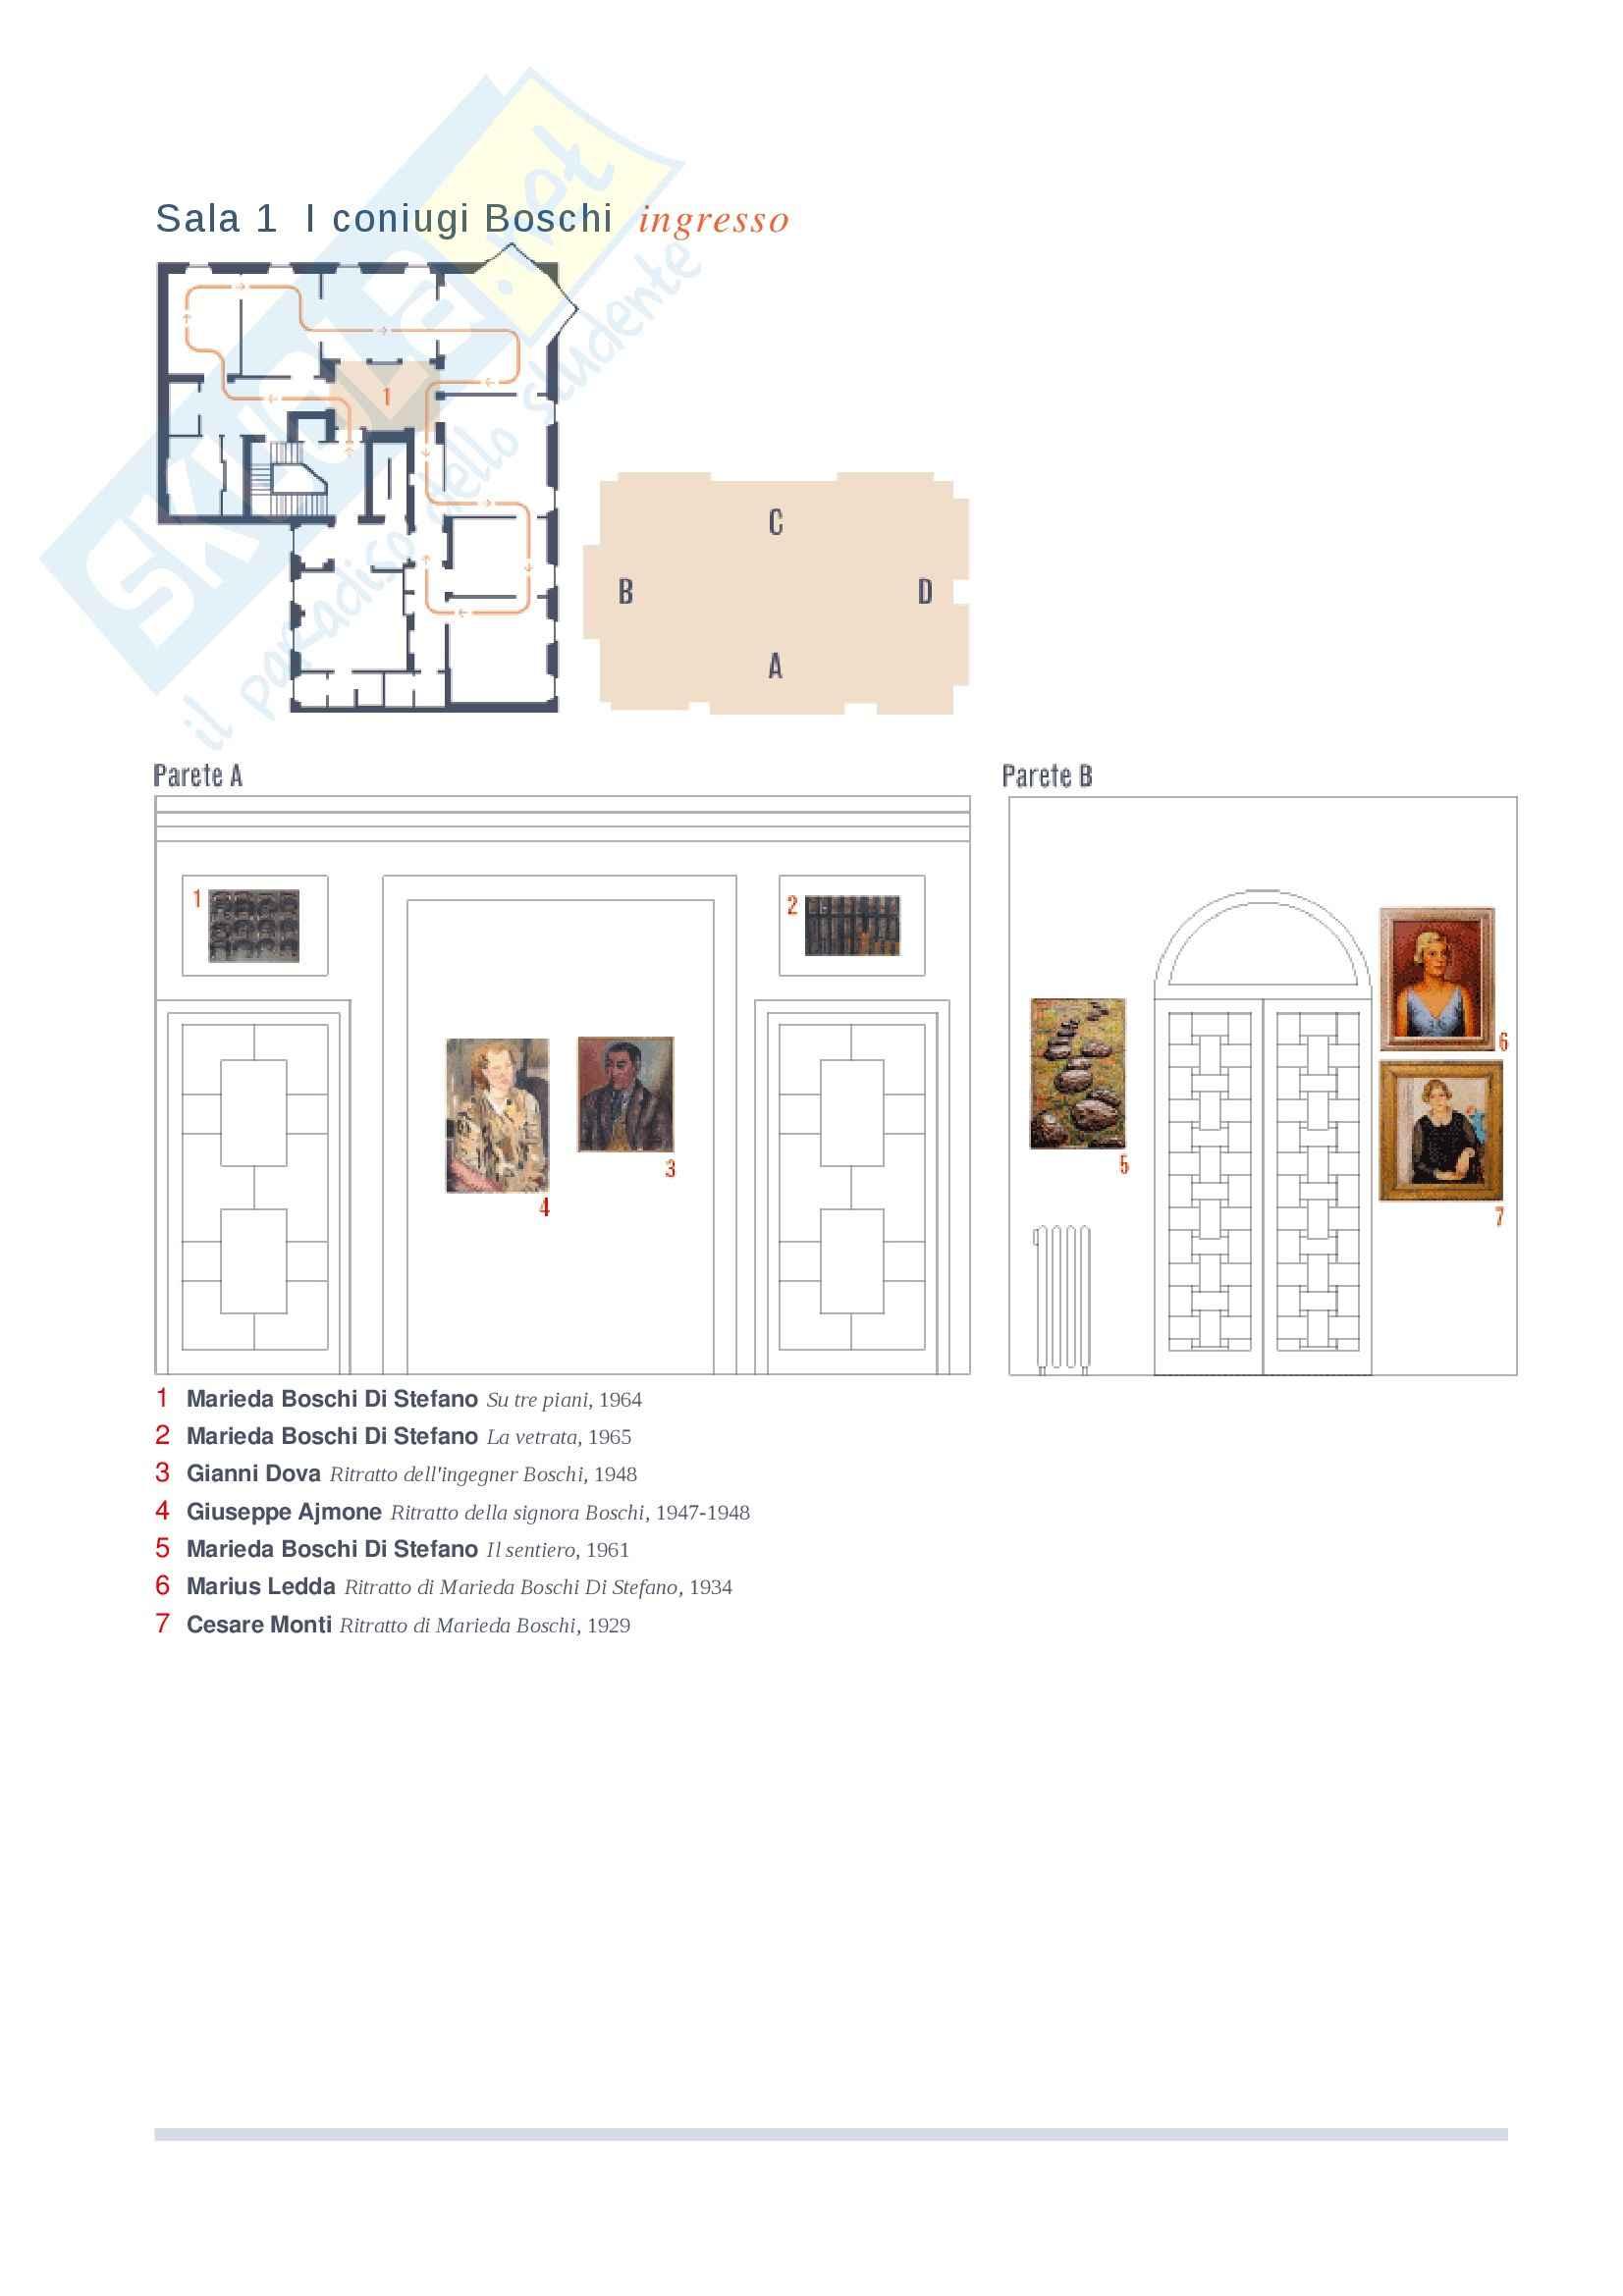 Fondazione Boschi Di Stefano, Storia dell'arte contemporanea